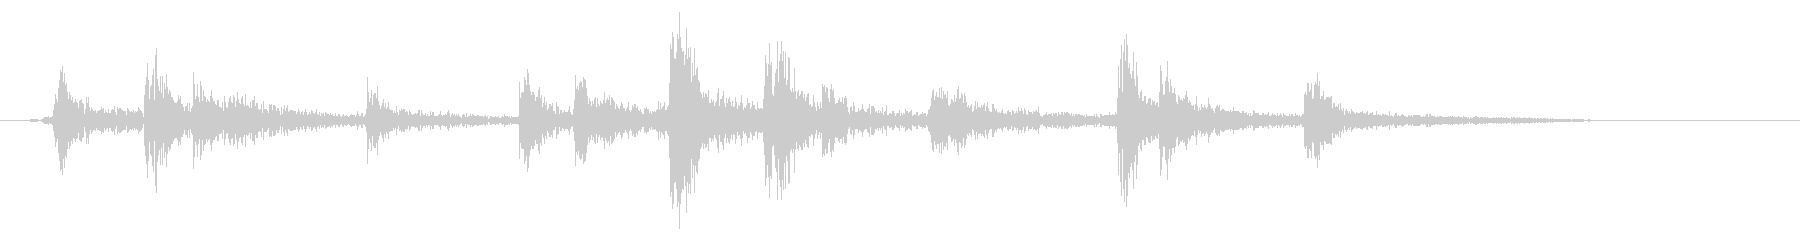 カンカラ(金属の音)の未再生の波形